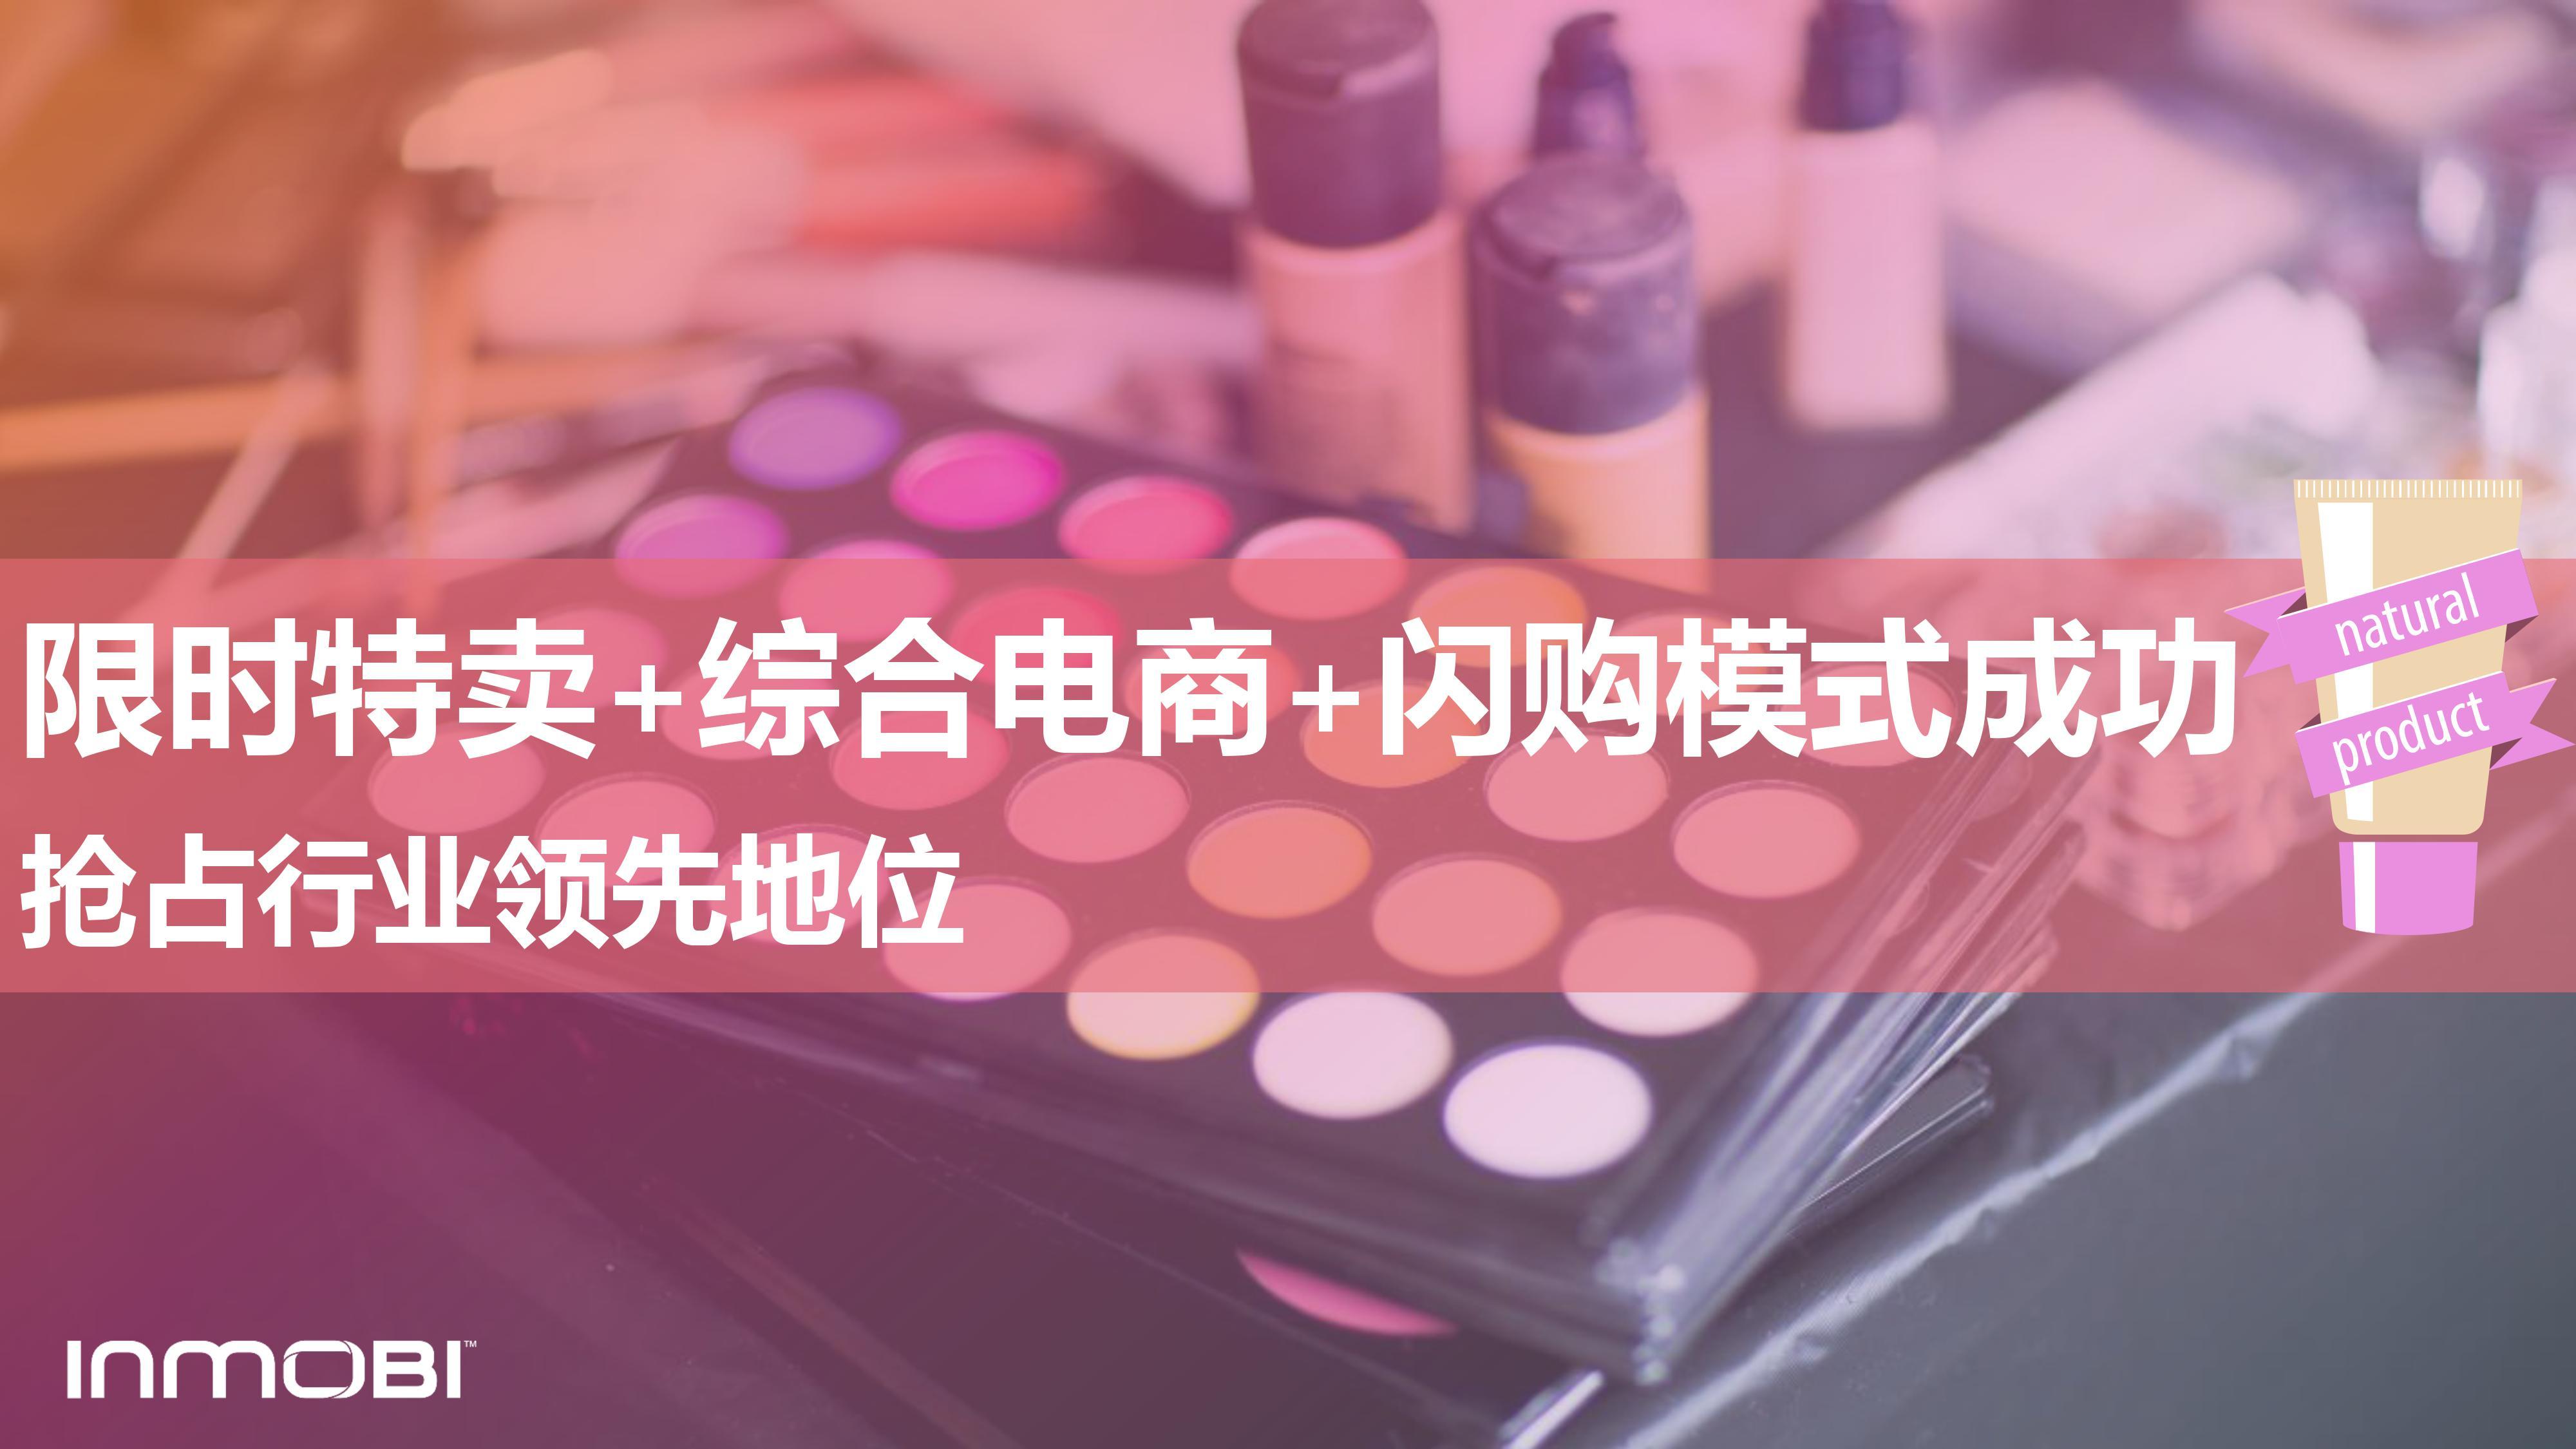 2017化妆品移动营销洞察报告-09大数据